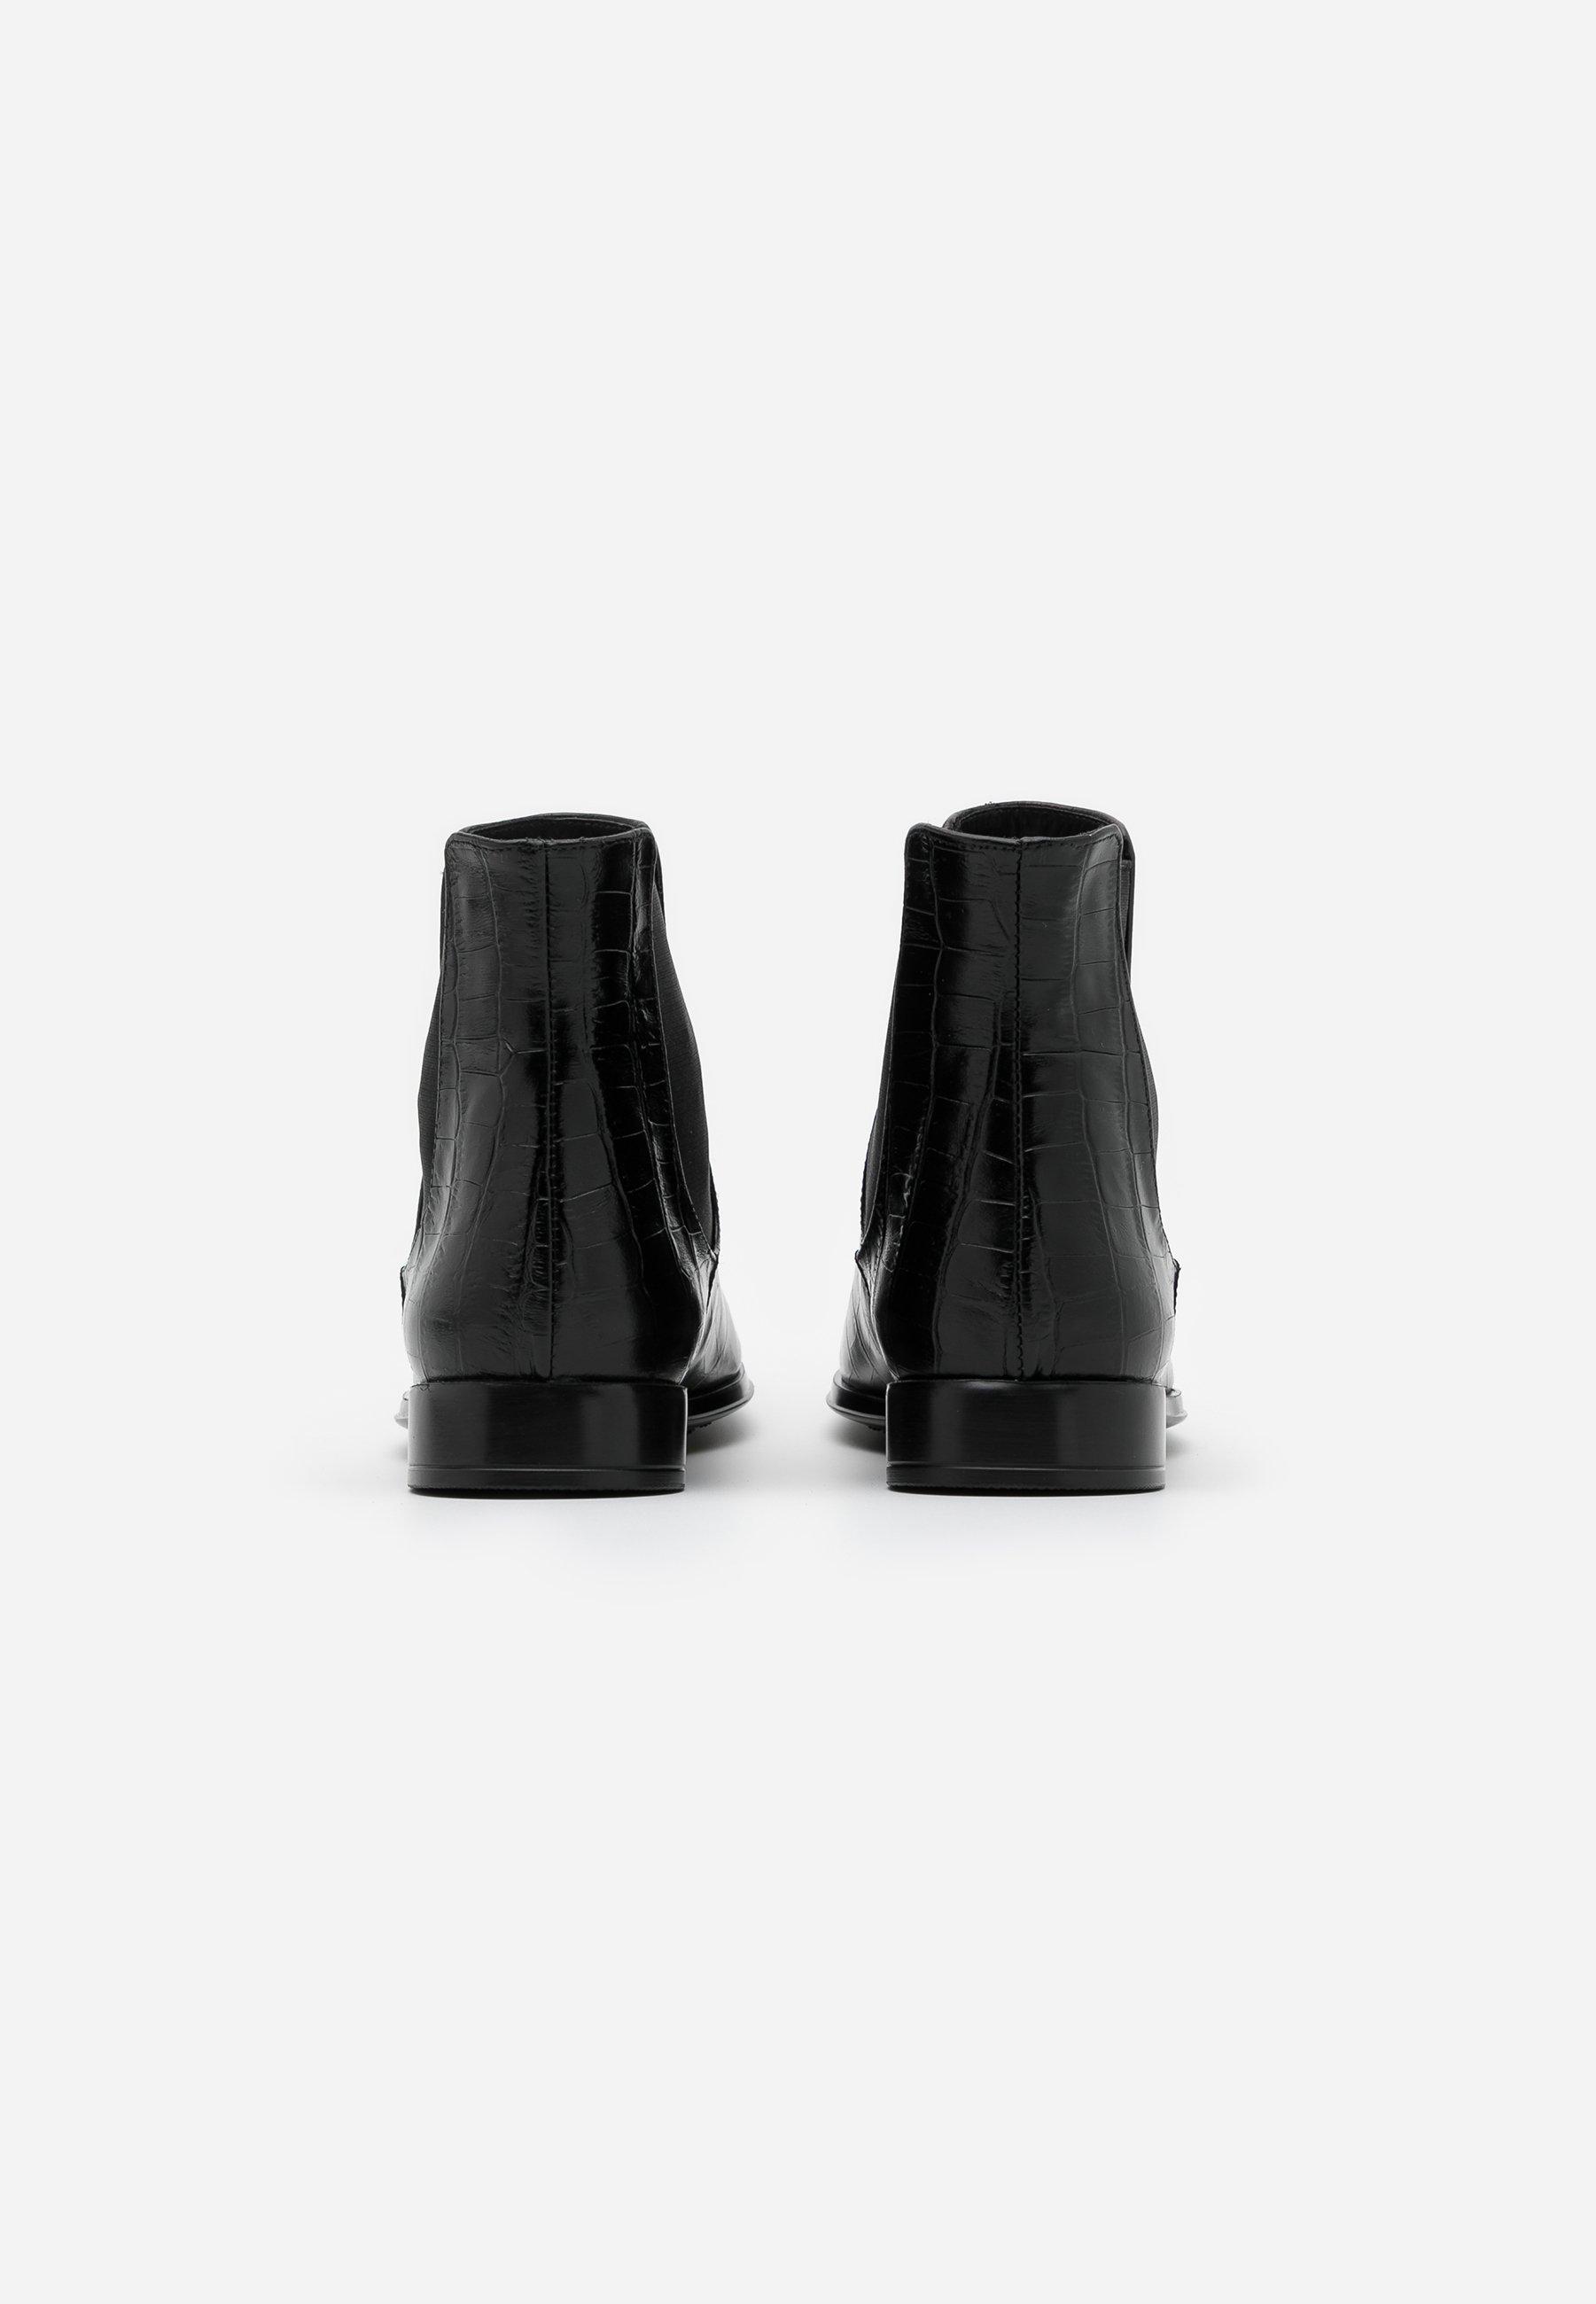 TEMPO Ankelboots black